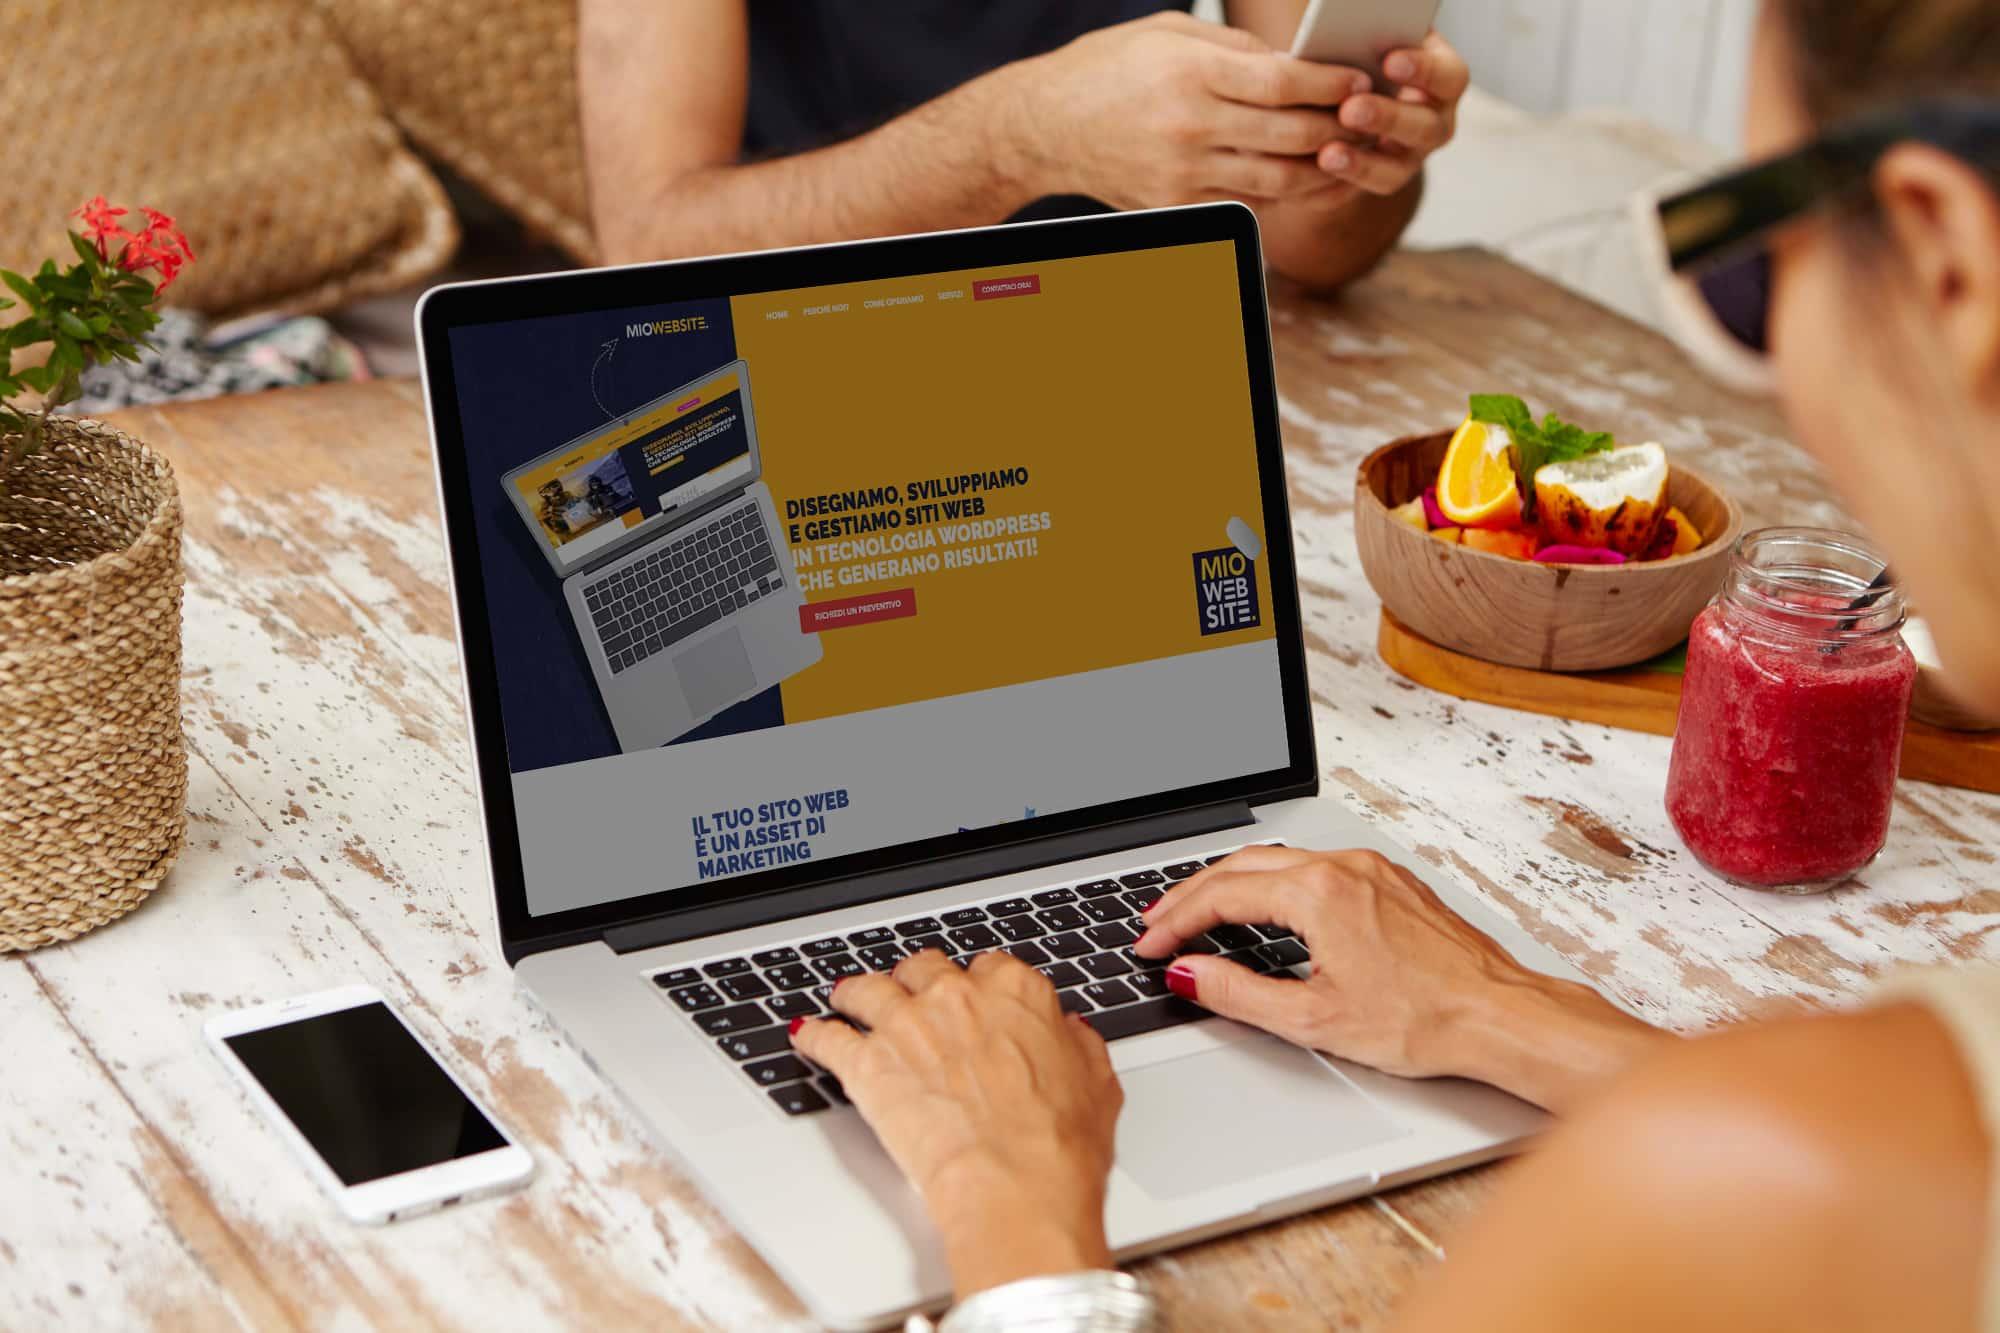 Realizzazione Siti Web MioWebsite